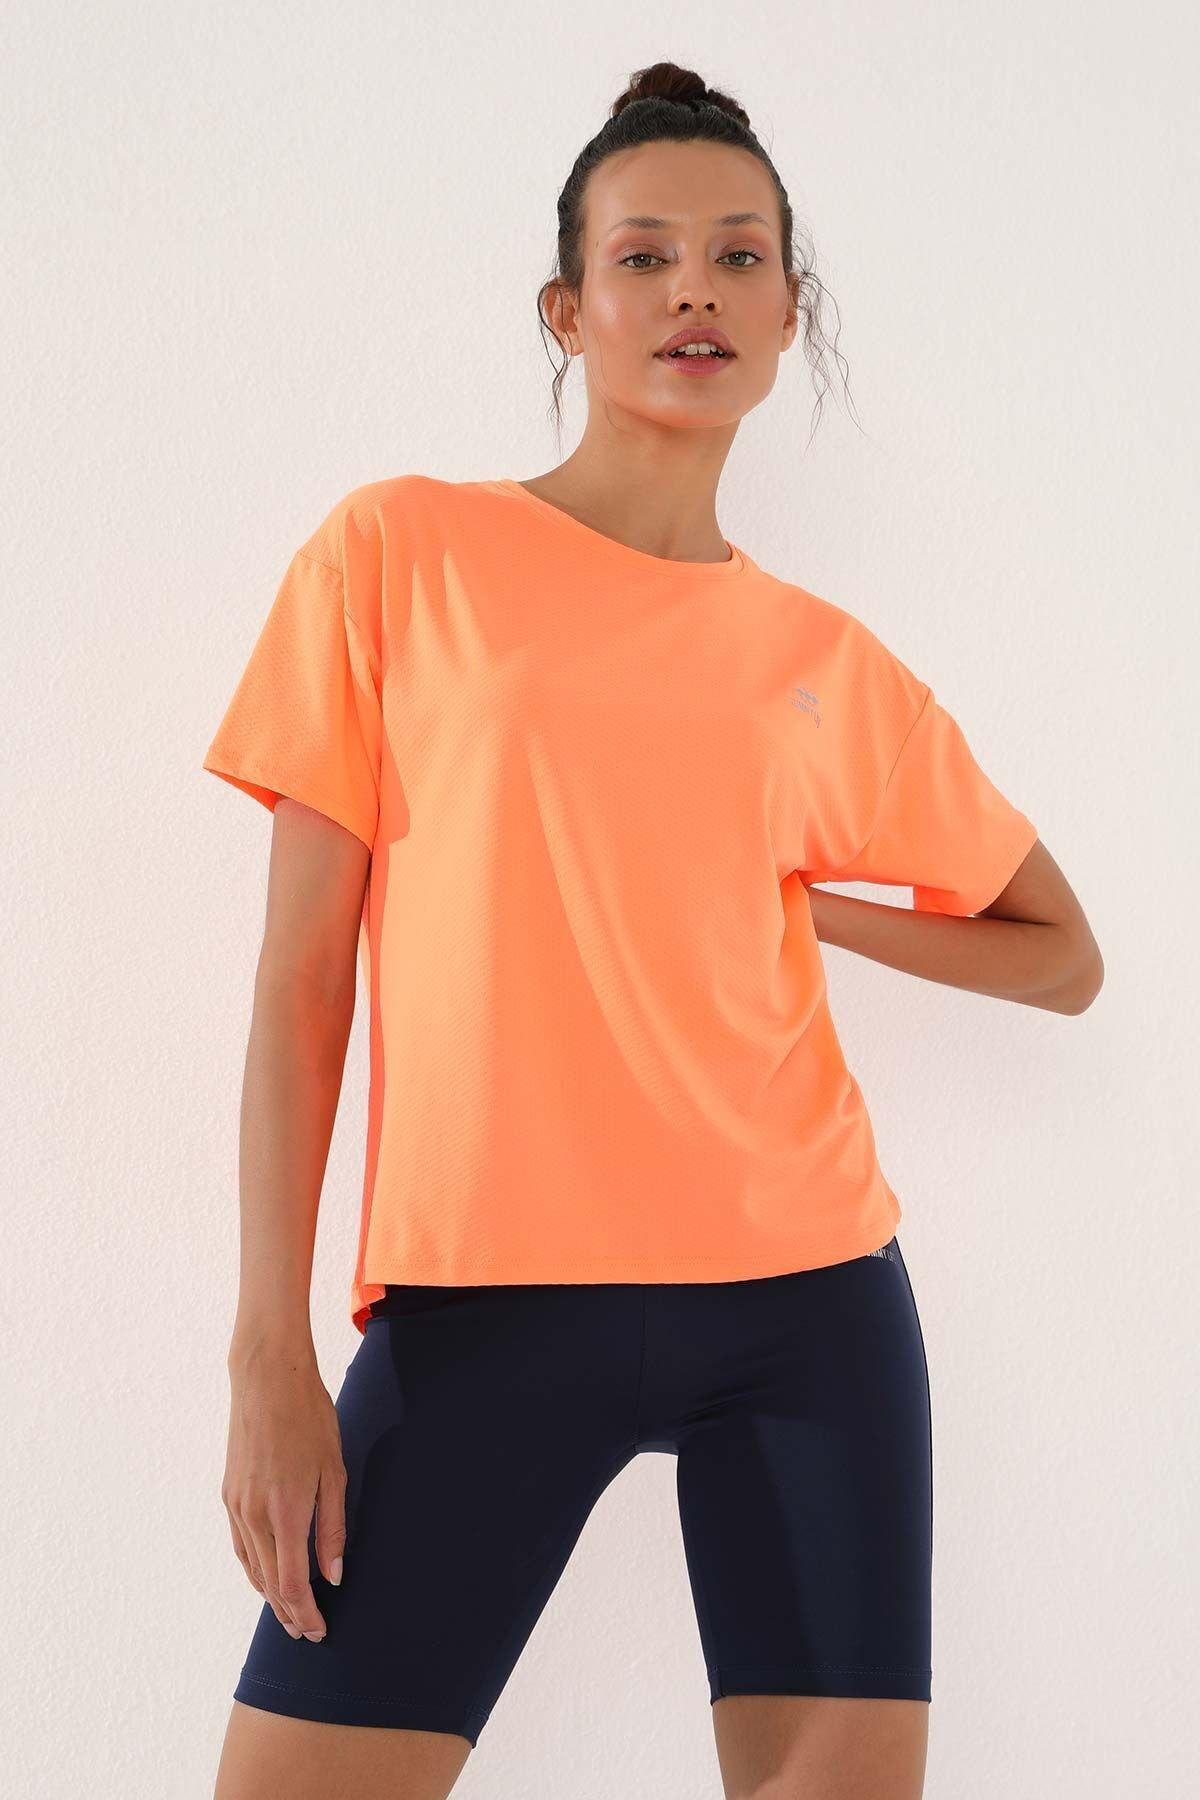 Neon Oranj Kadın Arkası Uzun Kısa Kol Standart Kalıp O Yaka T-shirt - 97152